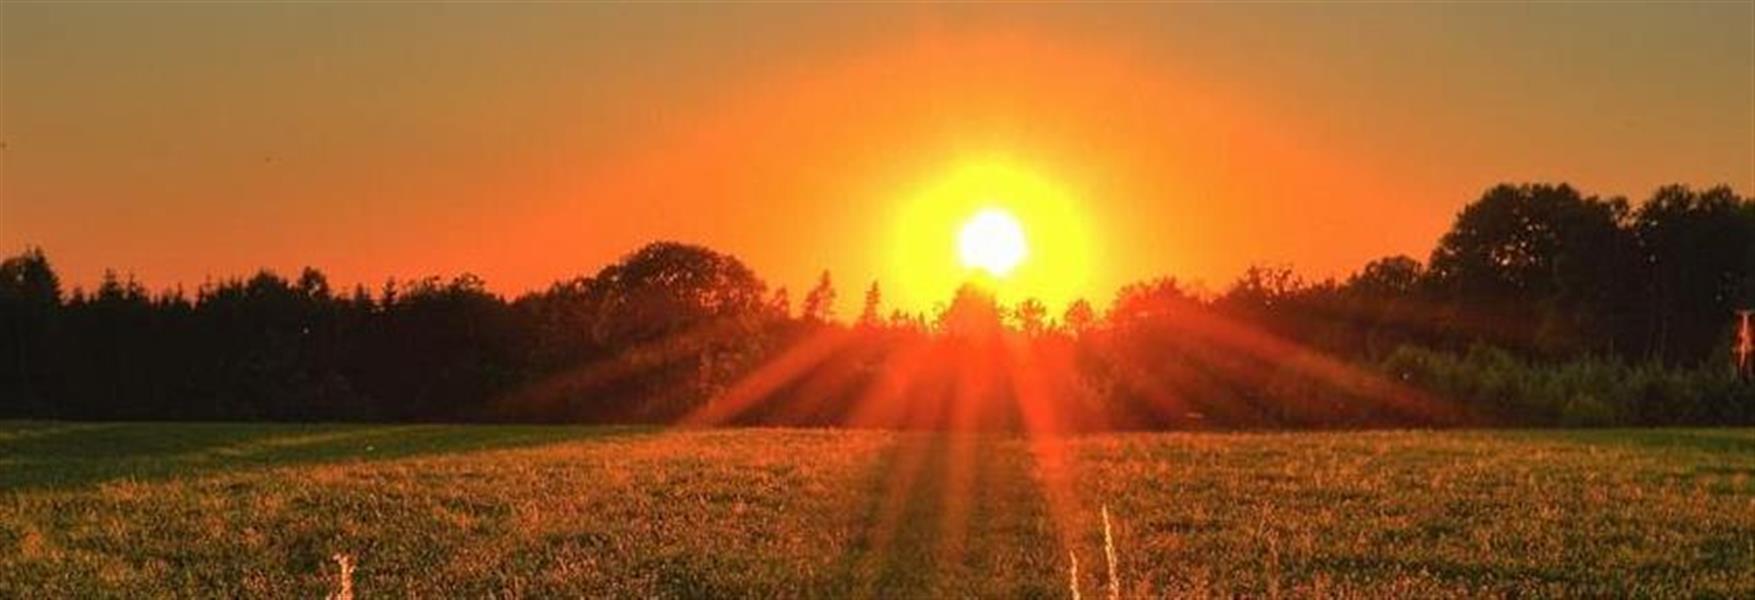 8f1ccb9c-3c72-4aac-af6f-743c42667723_sunrise.jpeg